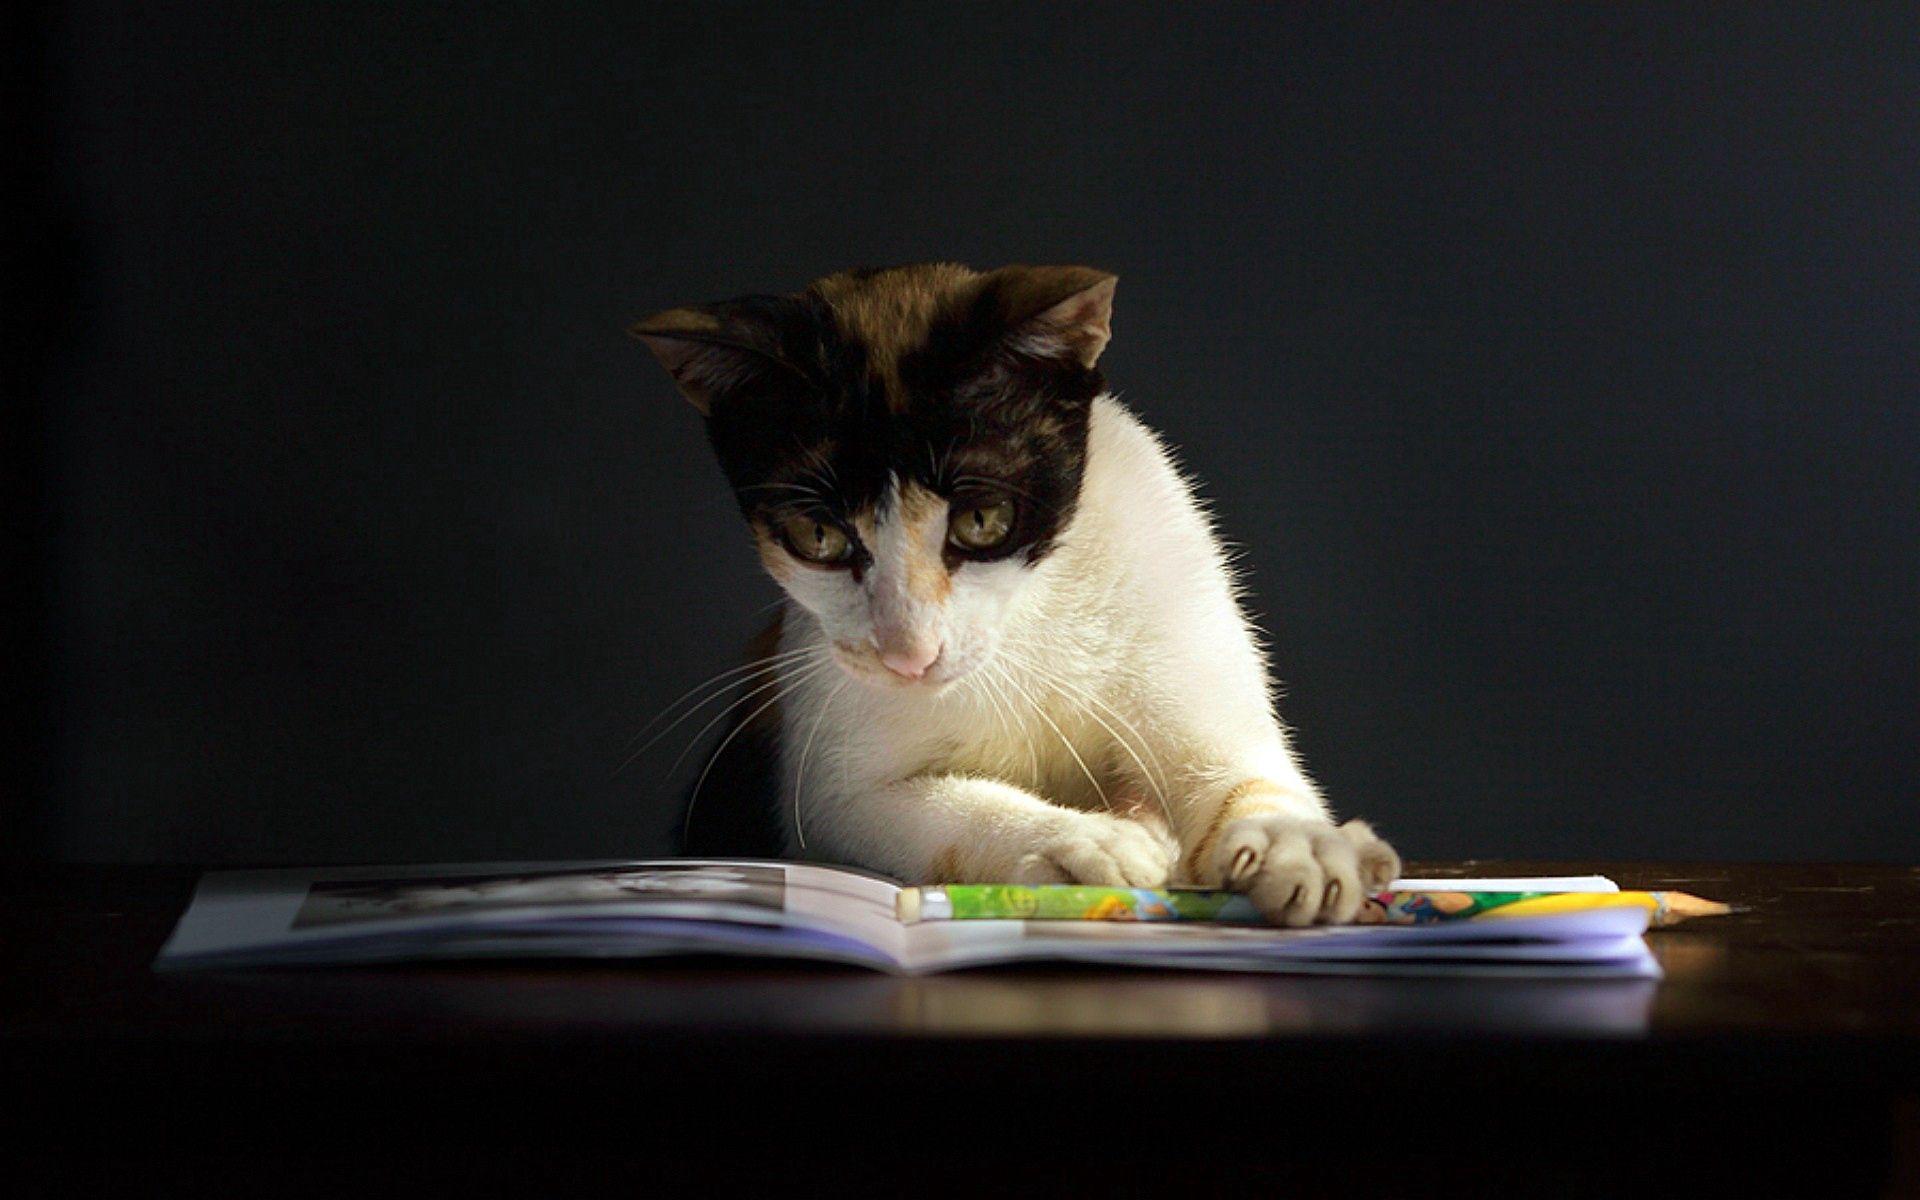 92430 скачать обои Животные, Кот, Тетрадь, Любопытство, Темный, Пятнистый - заставки и картинки бесплатно